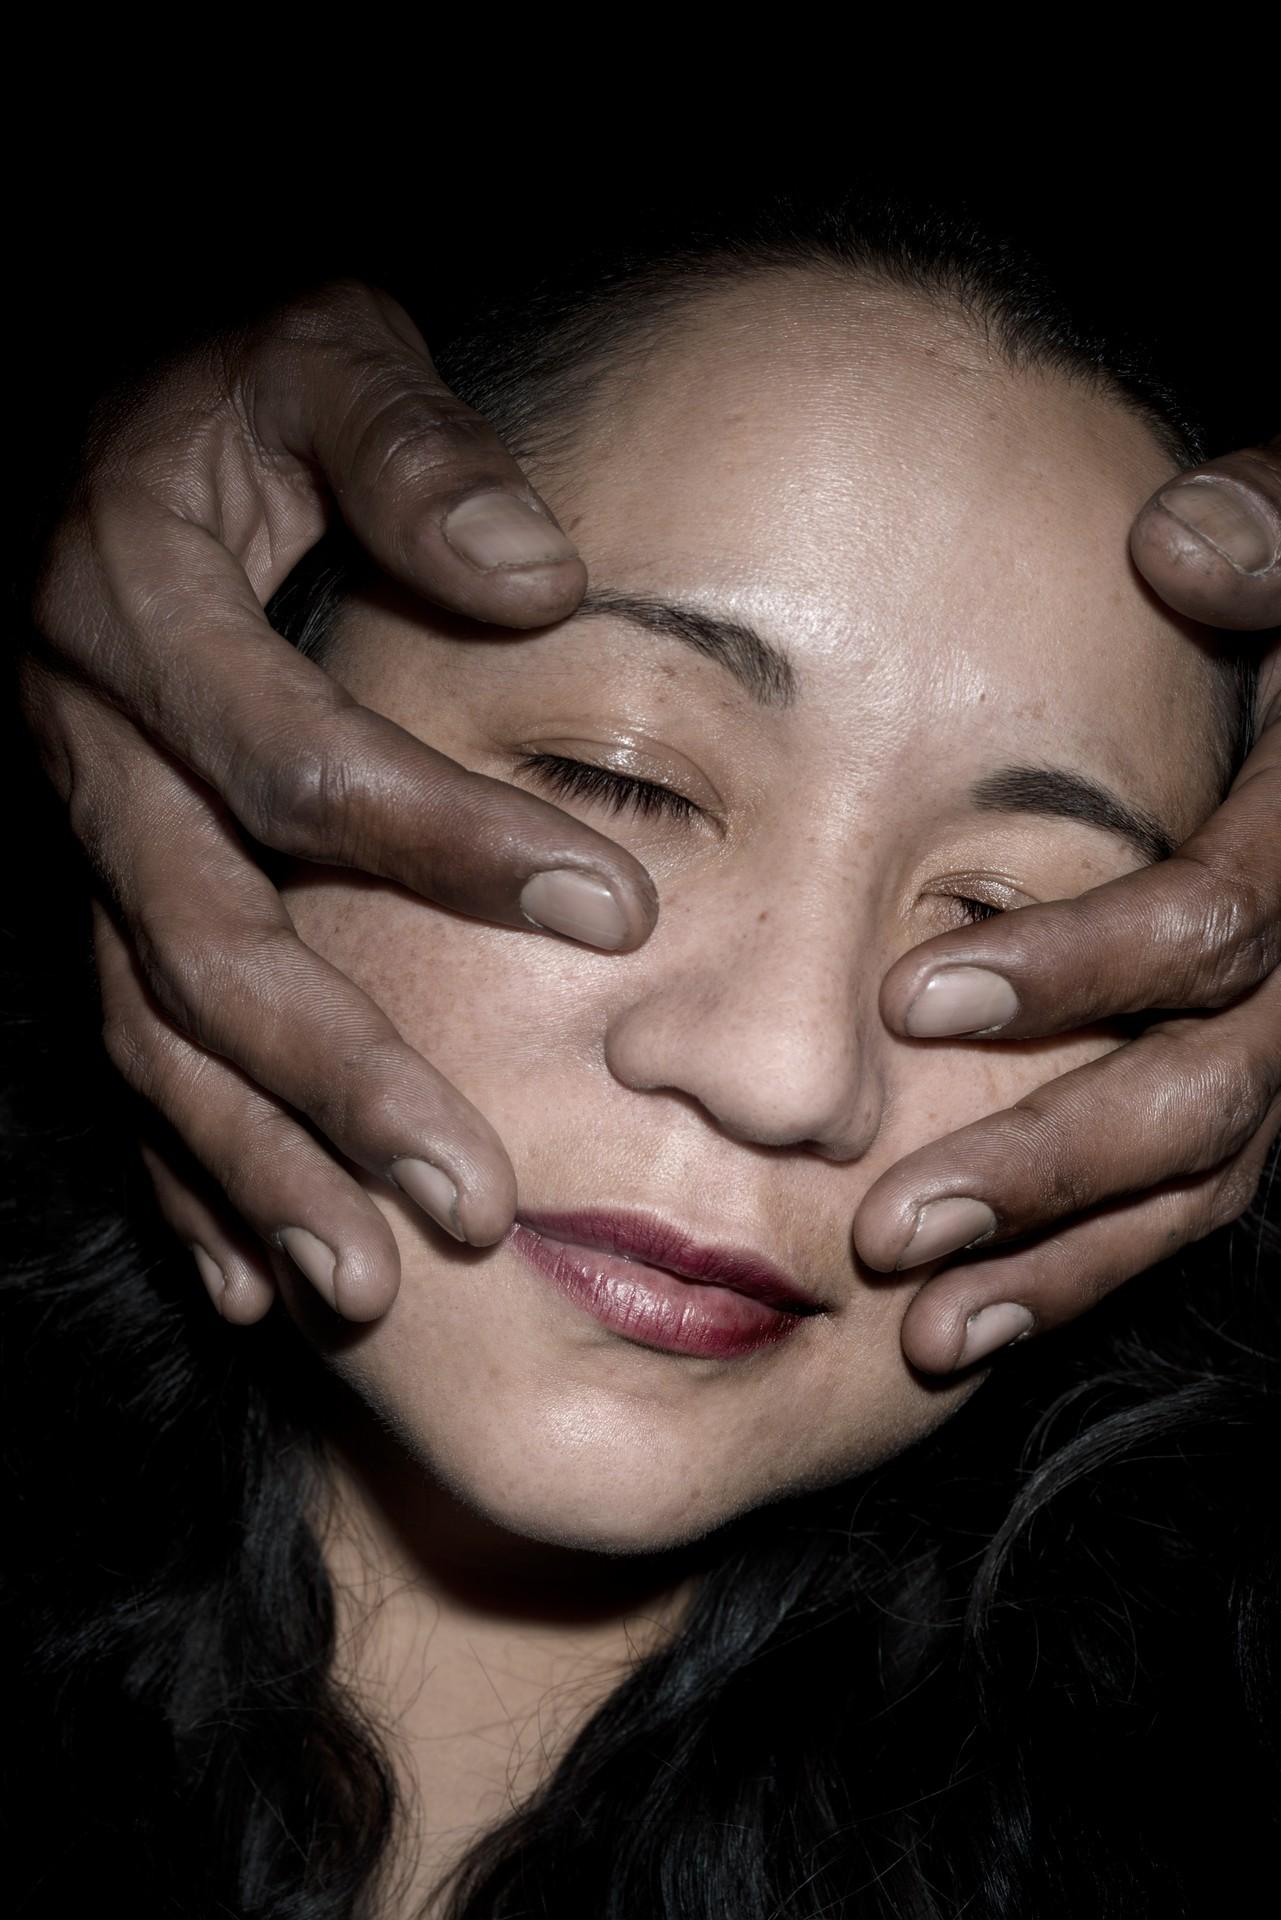 Fotó: Koleszár Adél: Alicia, részlet Az erőszak sebei című sorozatból